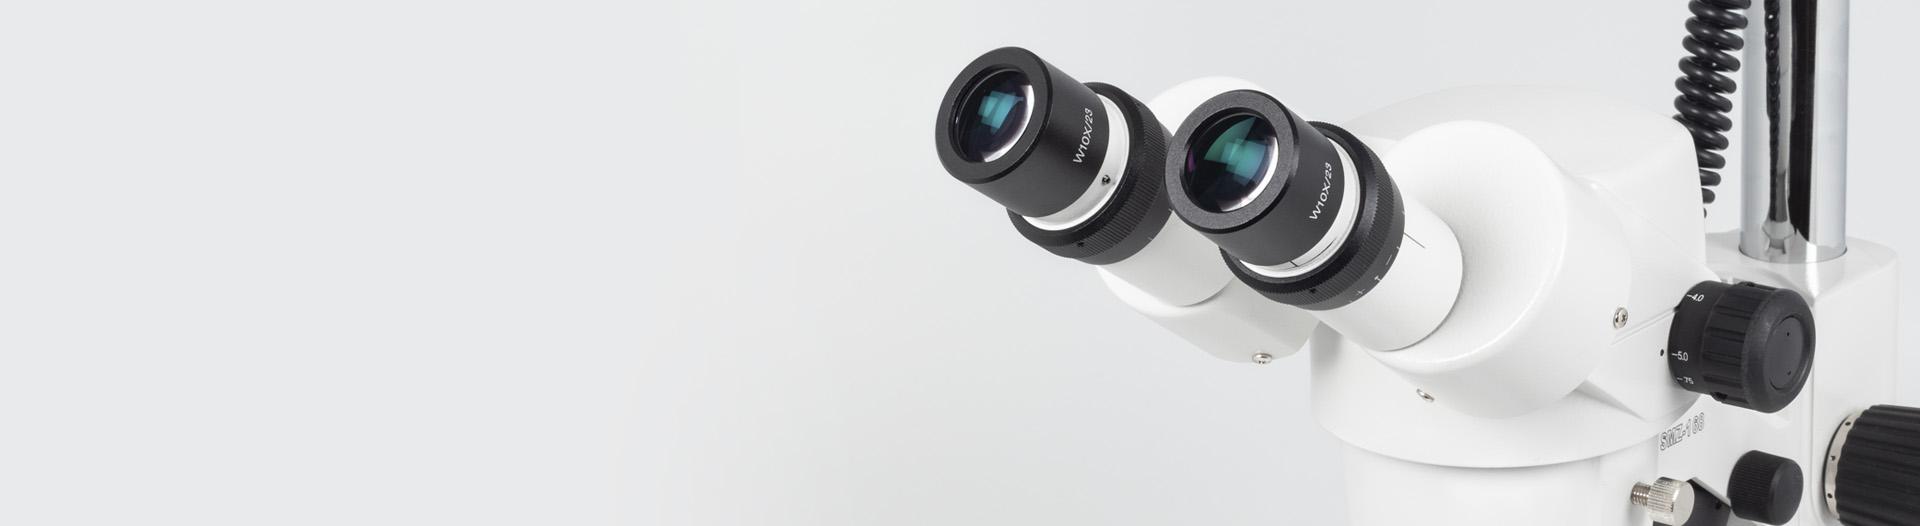 SMZ168 microscope Optics